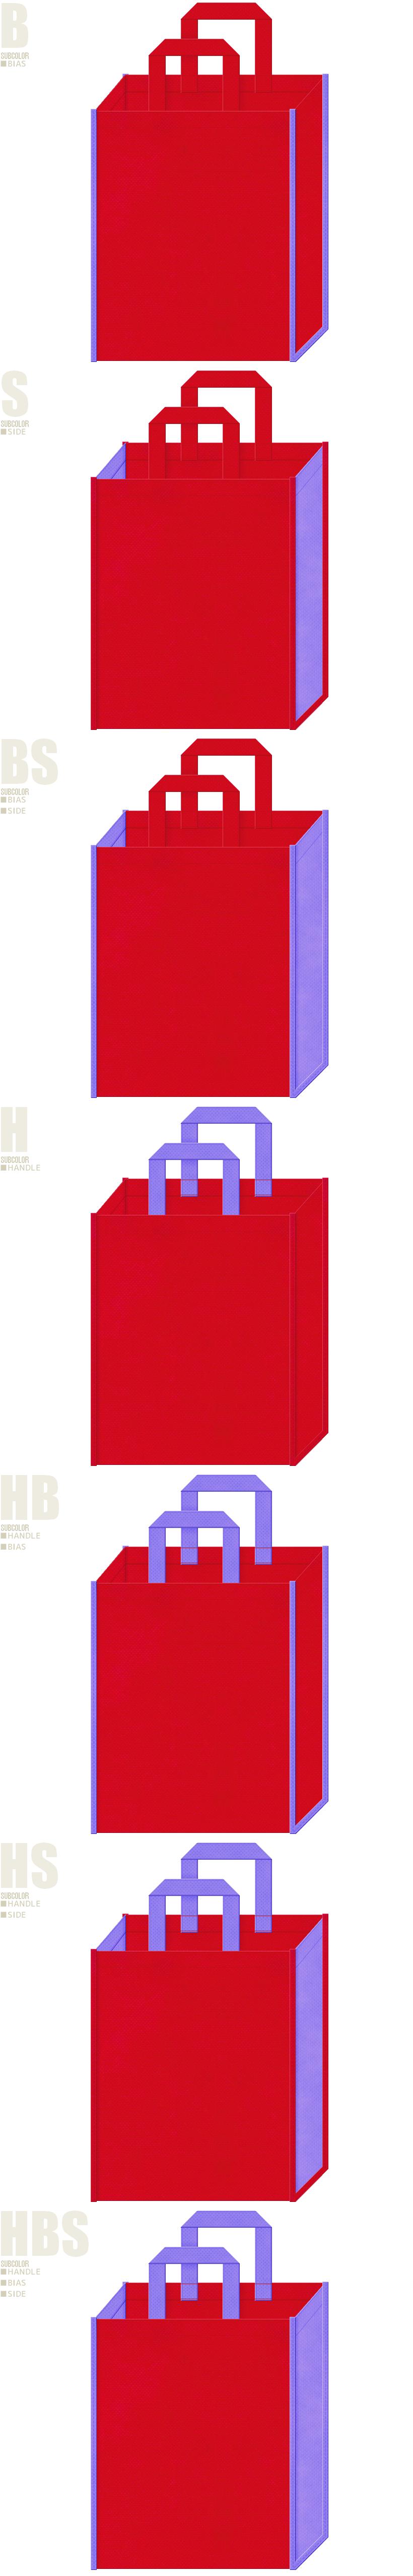 不織布トートバッグのデザイン:紅色と薄紫色のコーデ